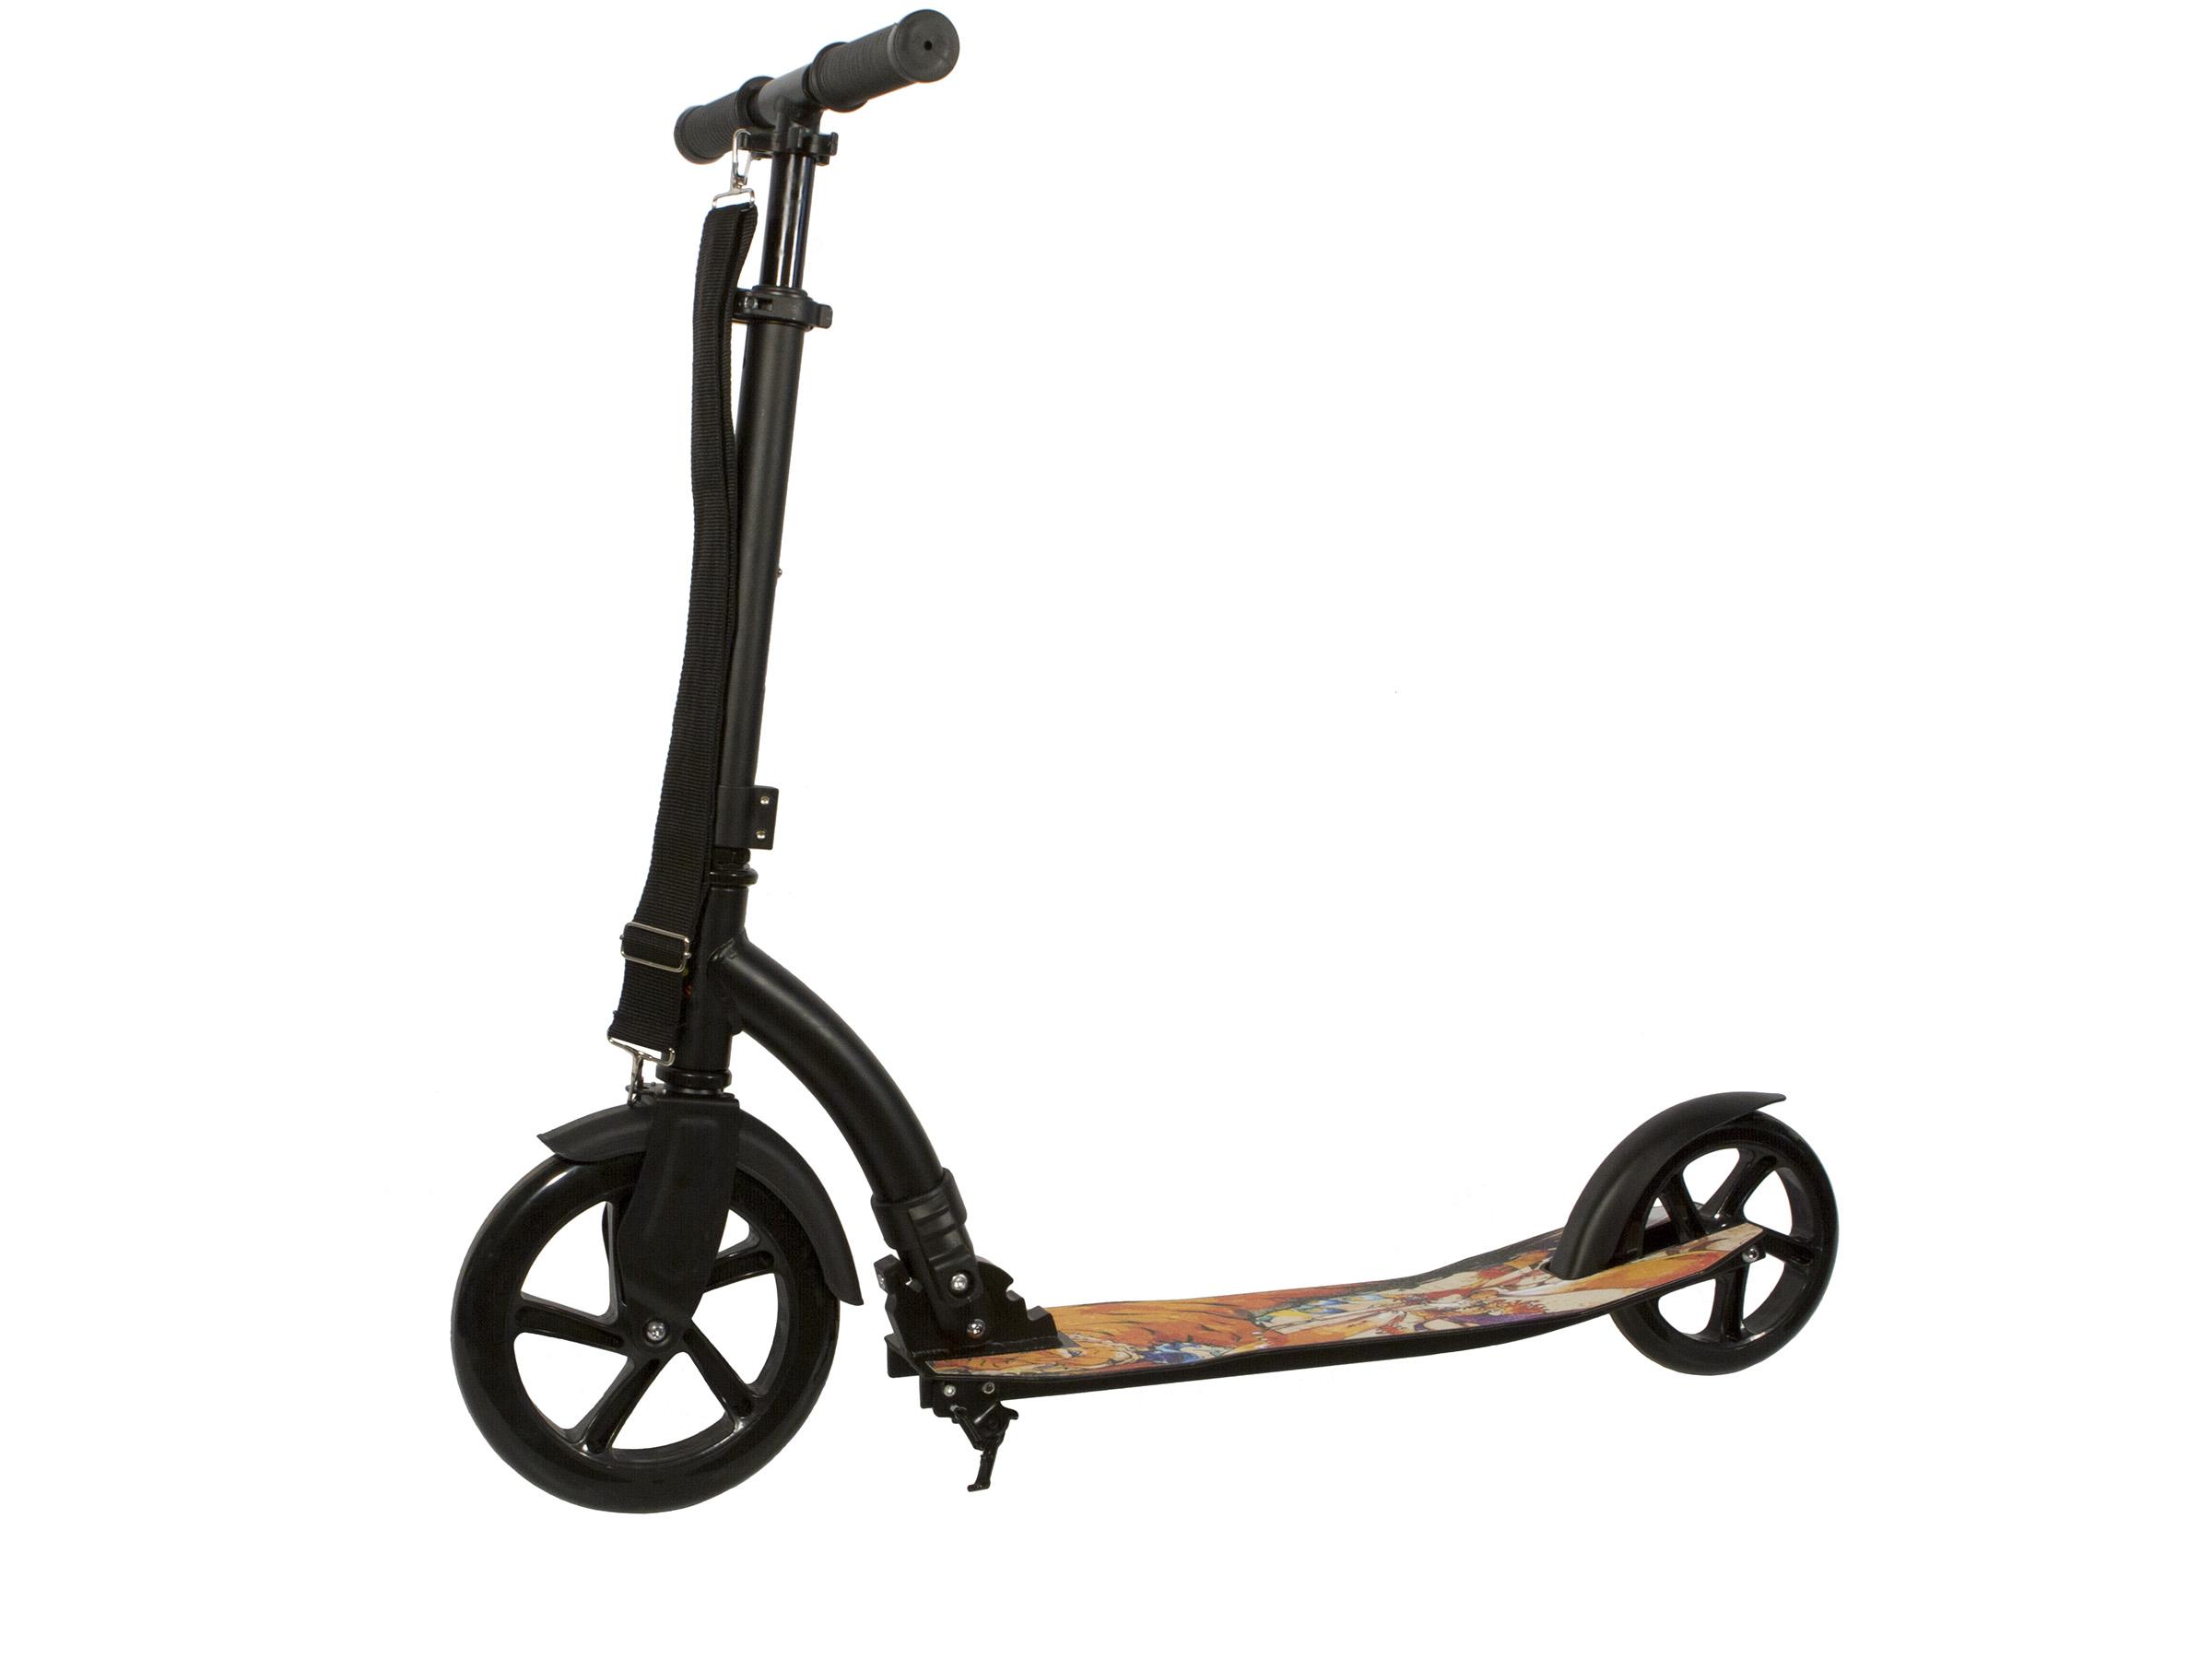 Купить Самокат Olimp SKL-033 в интернет магазине. Цены, фото, описания, характеристики, отзывы, обзоры